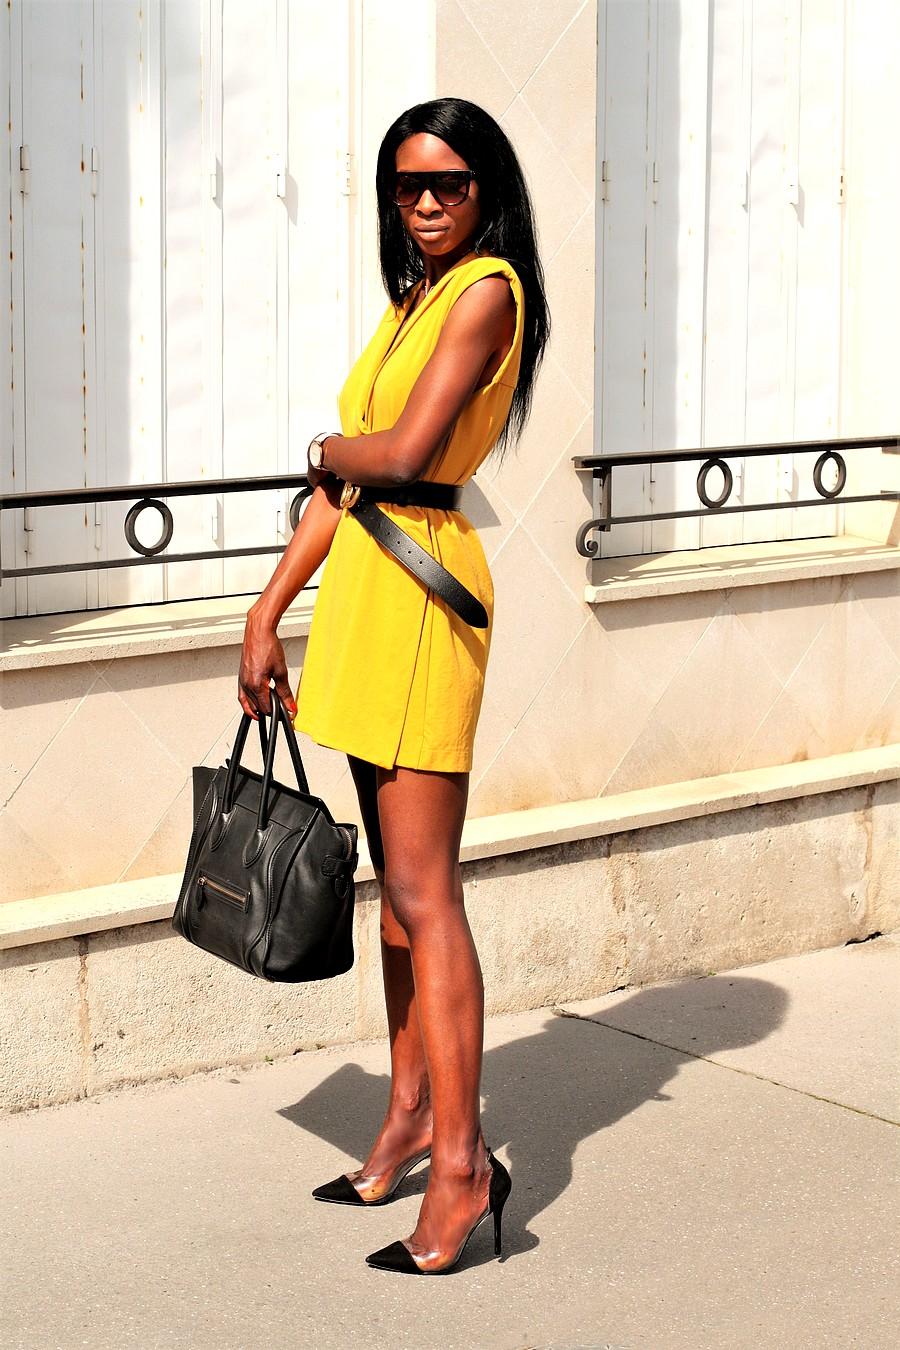 comment-porter-jaune-couleur-tendance-printemps-ete